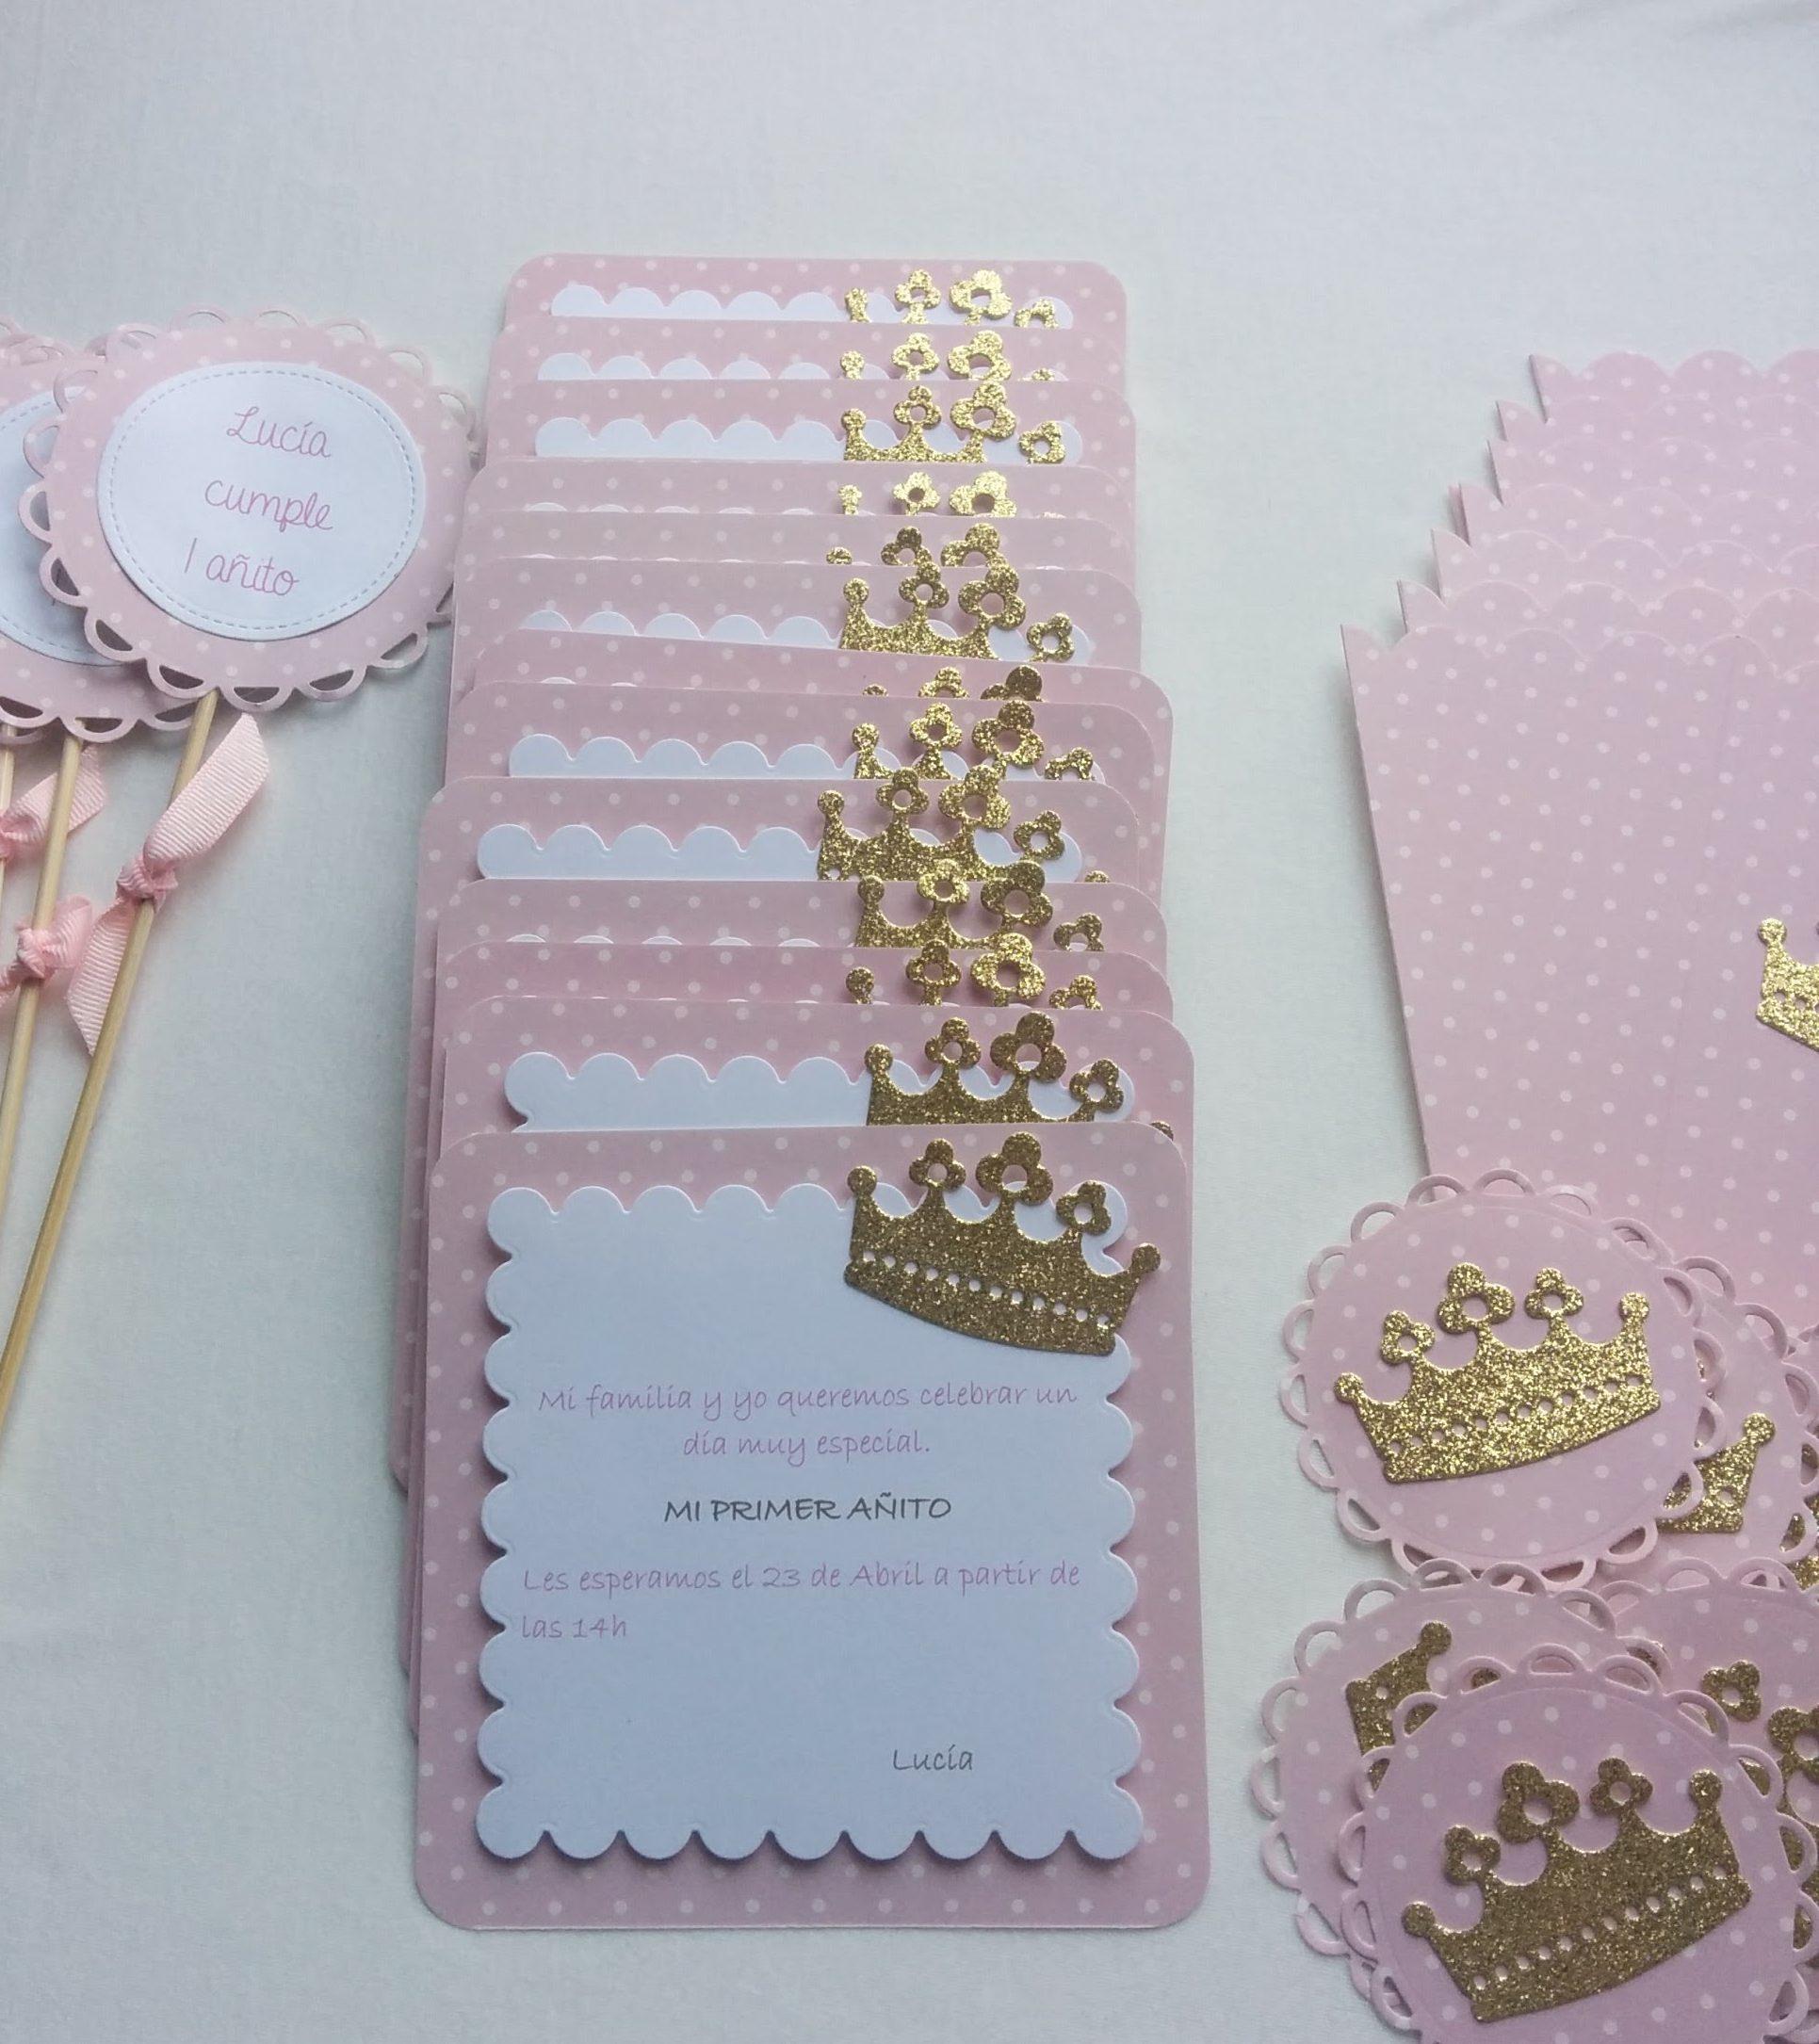 Invitaciones y mas detalles para cumplea os en rosa con for Detalles de decoracion